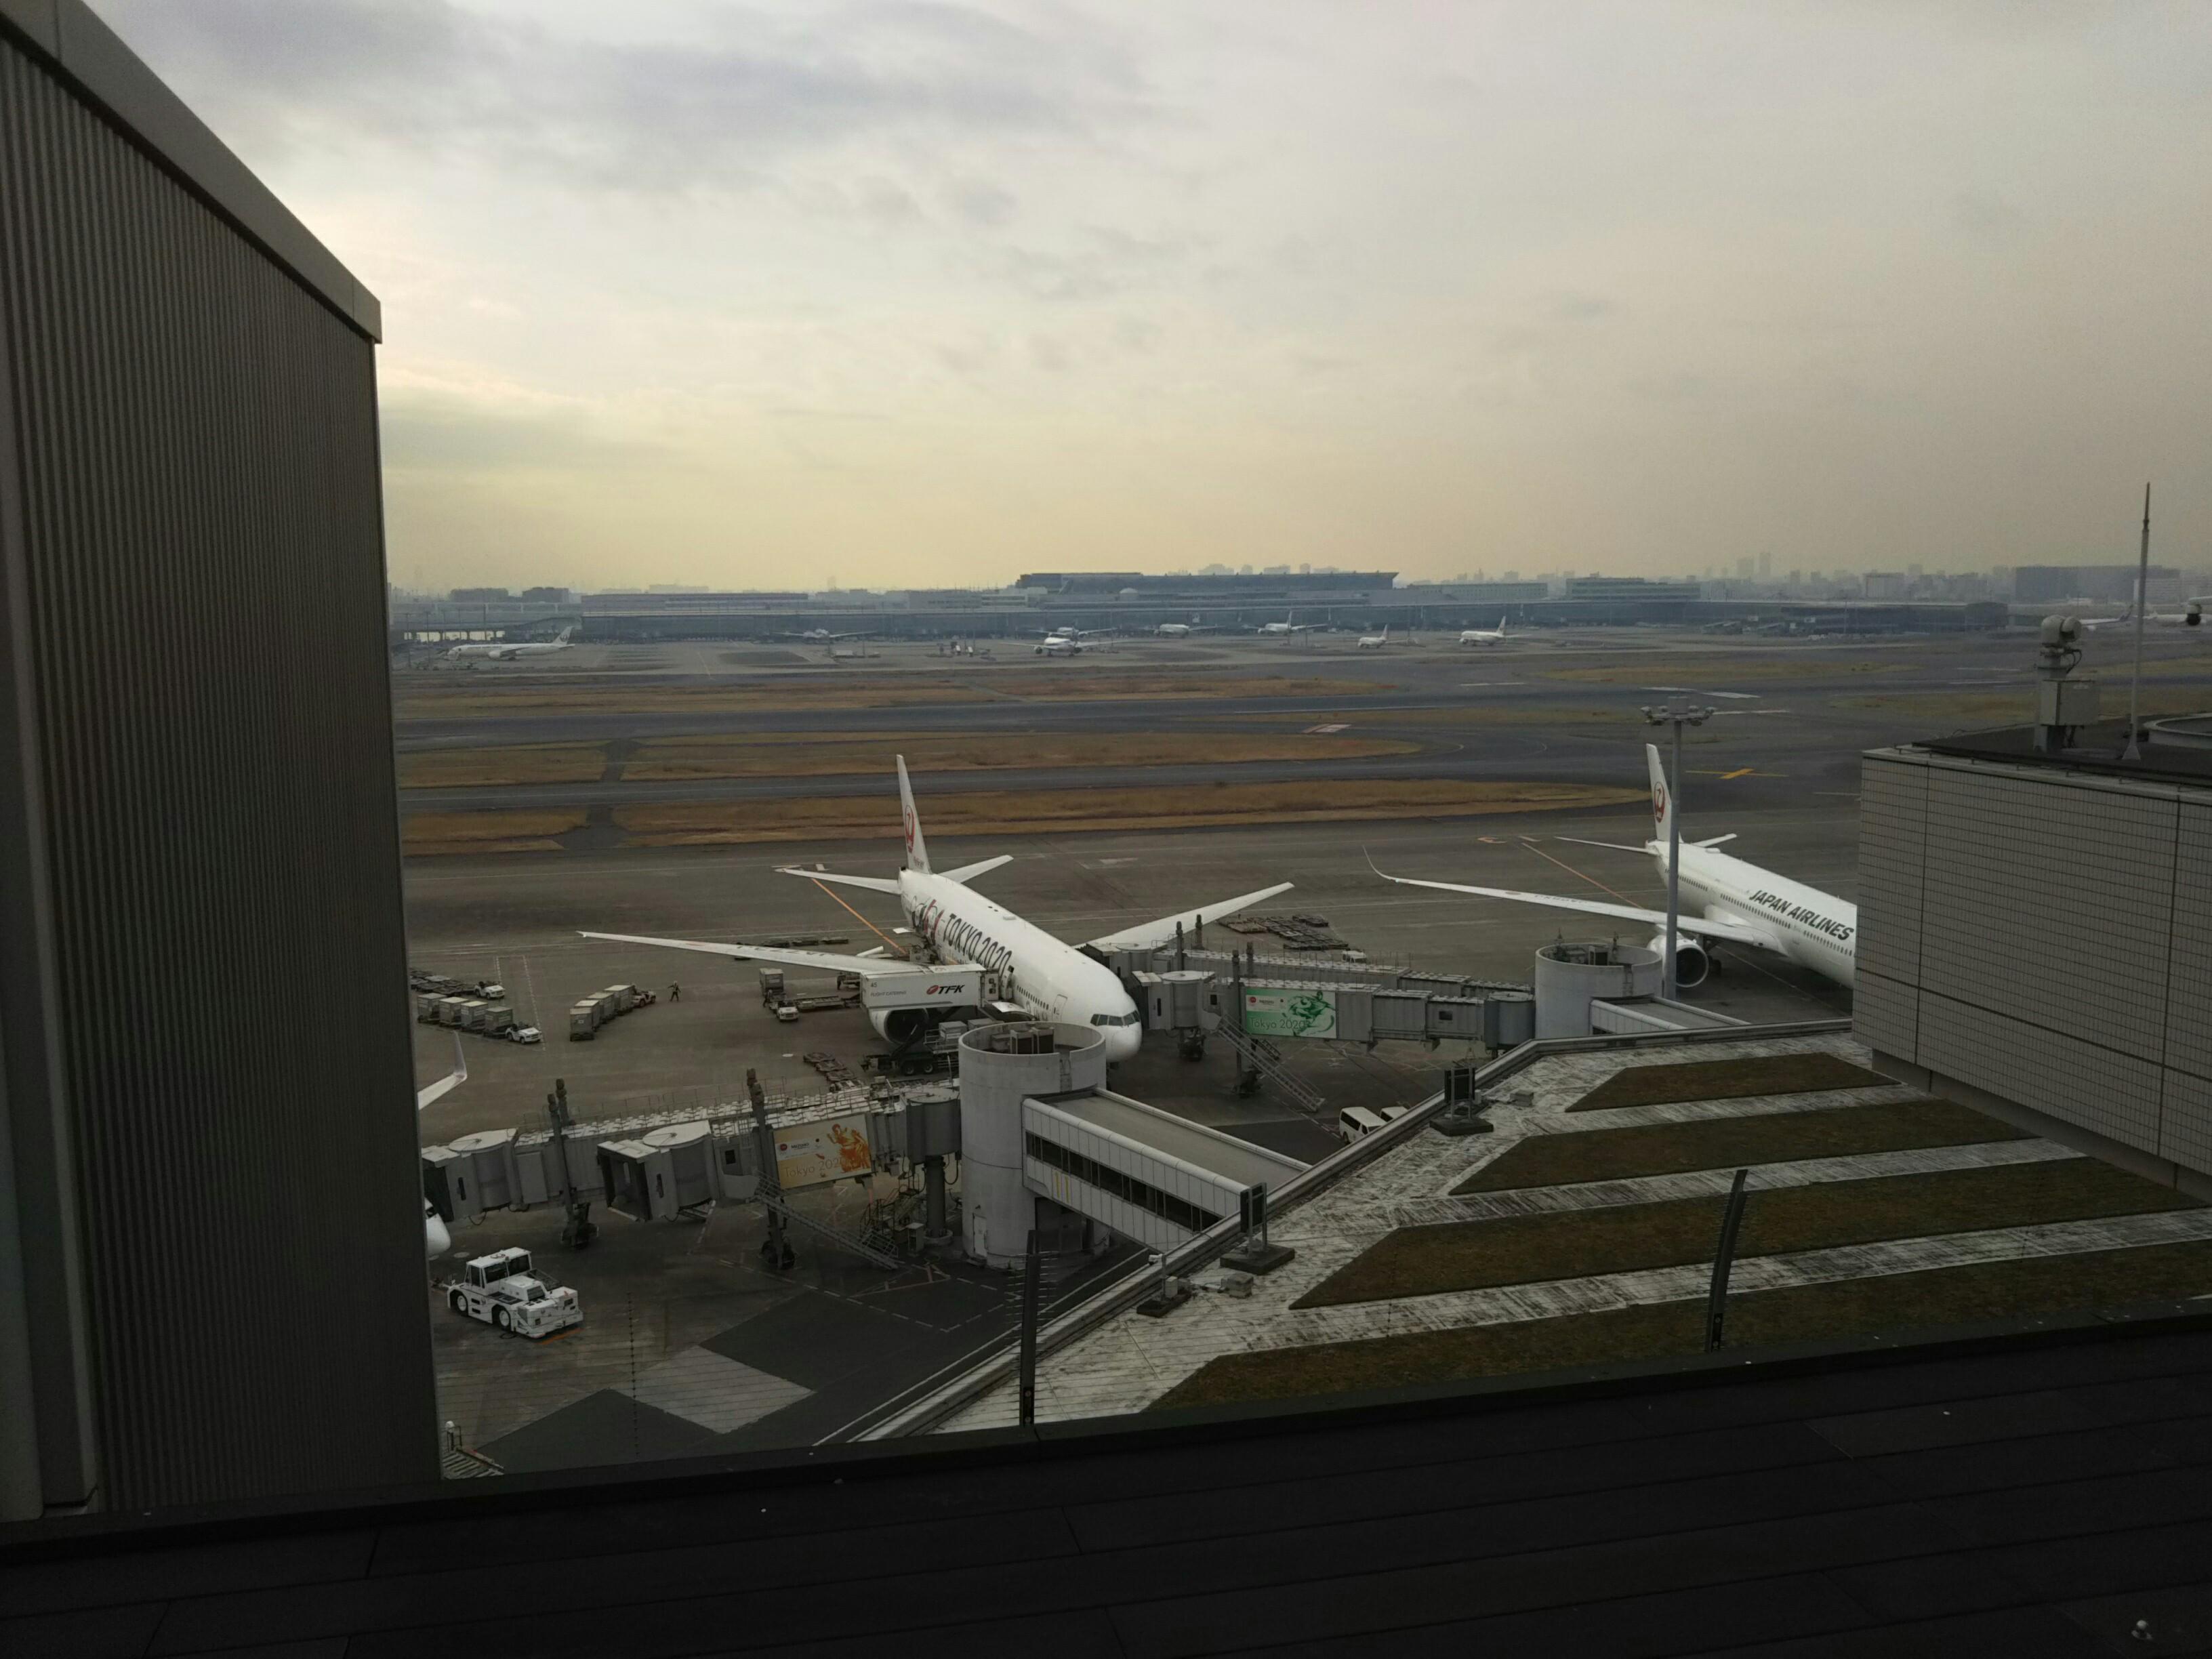 f:id:A350-900:20210110080920j:image